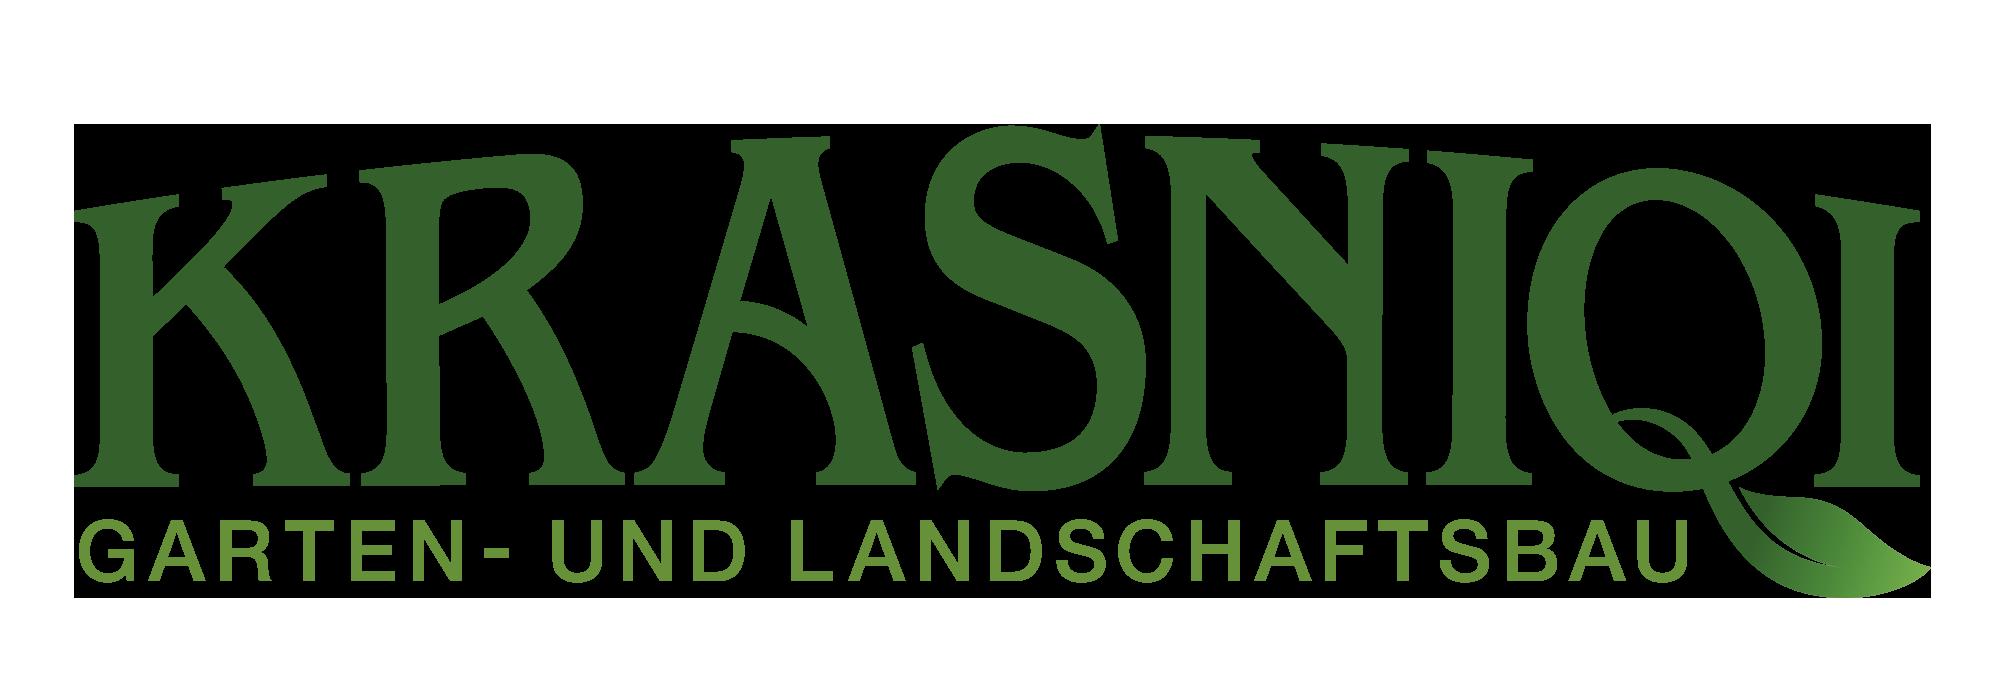 Krasniqi GmbH